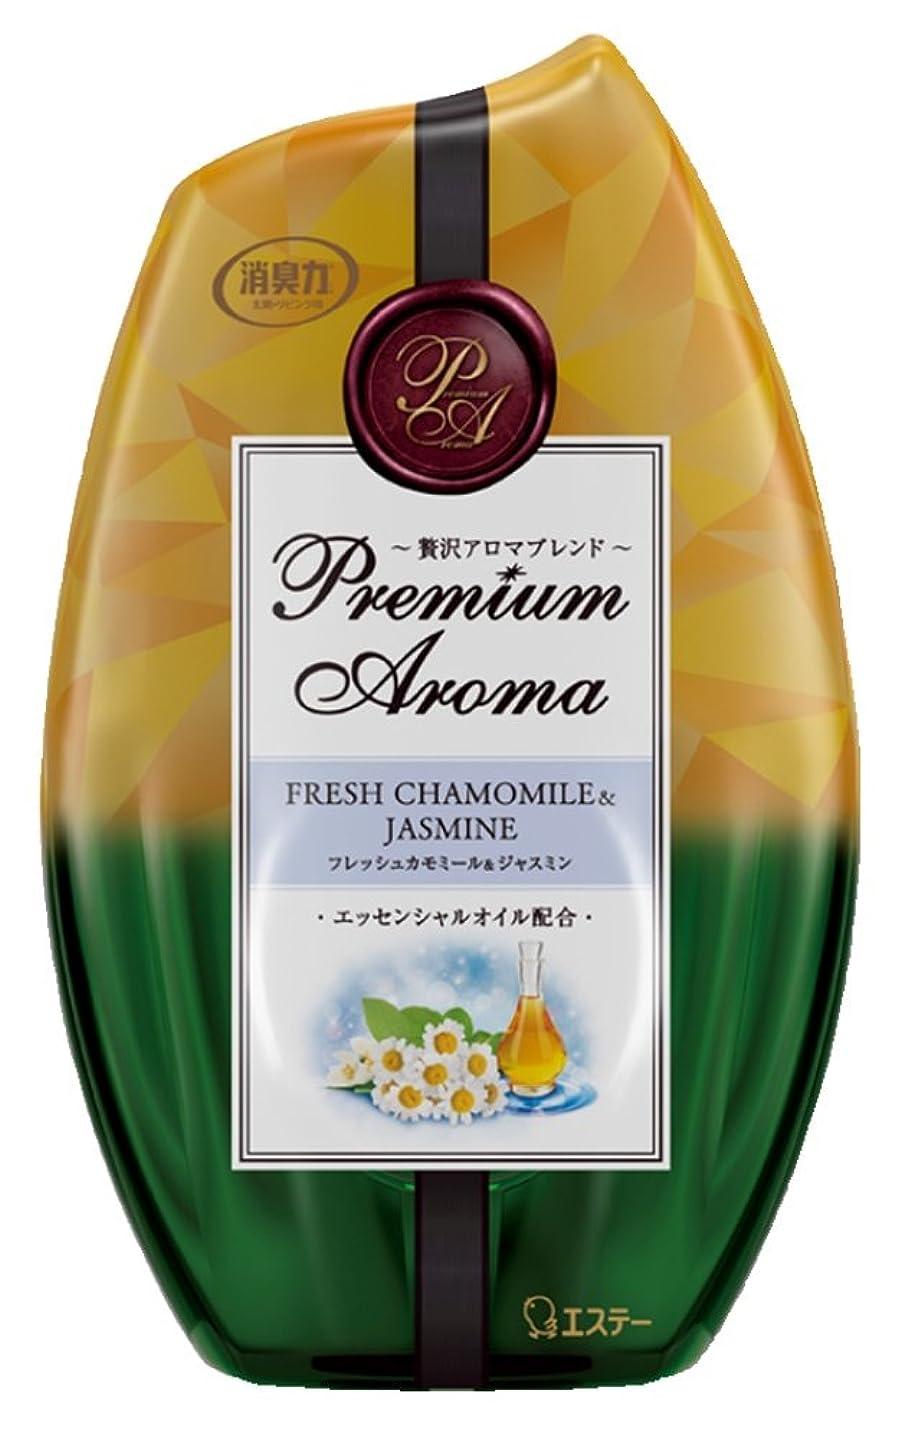 設計感じる球状お部屋の消臭力 プレミアムアロマ Premium Aroma 消臭芳香剤 部屋用 部屋 カモミール&ジャスミンの香り 400ml